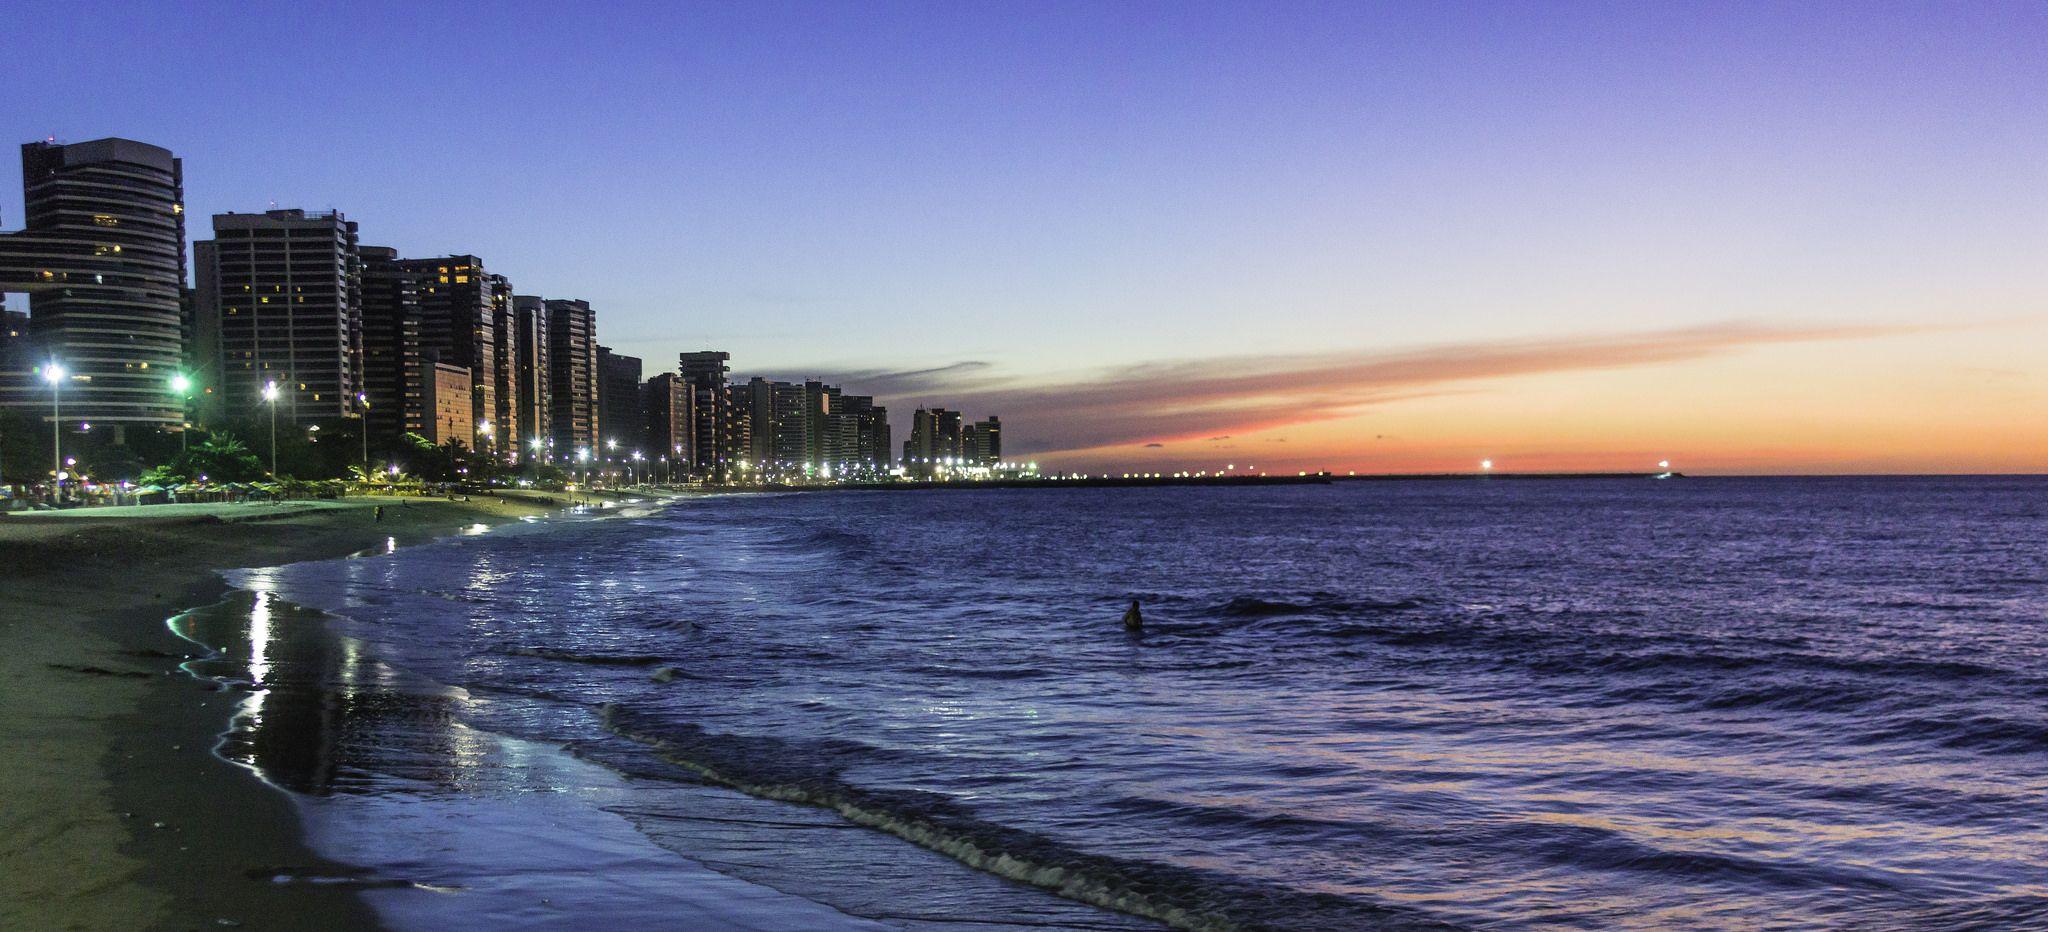 https://flic.kr/p/uPmBGp | Fortaleza | Ceará, Brasil